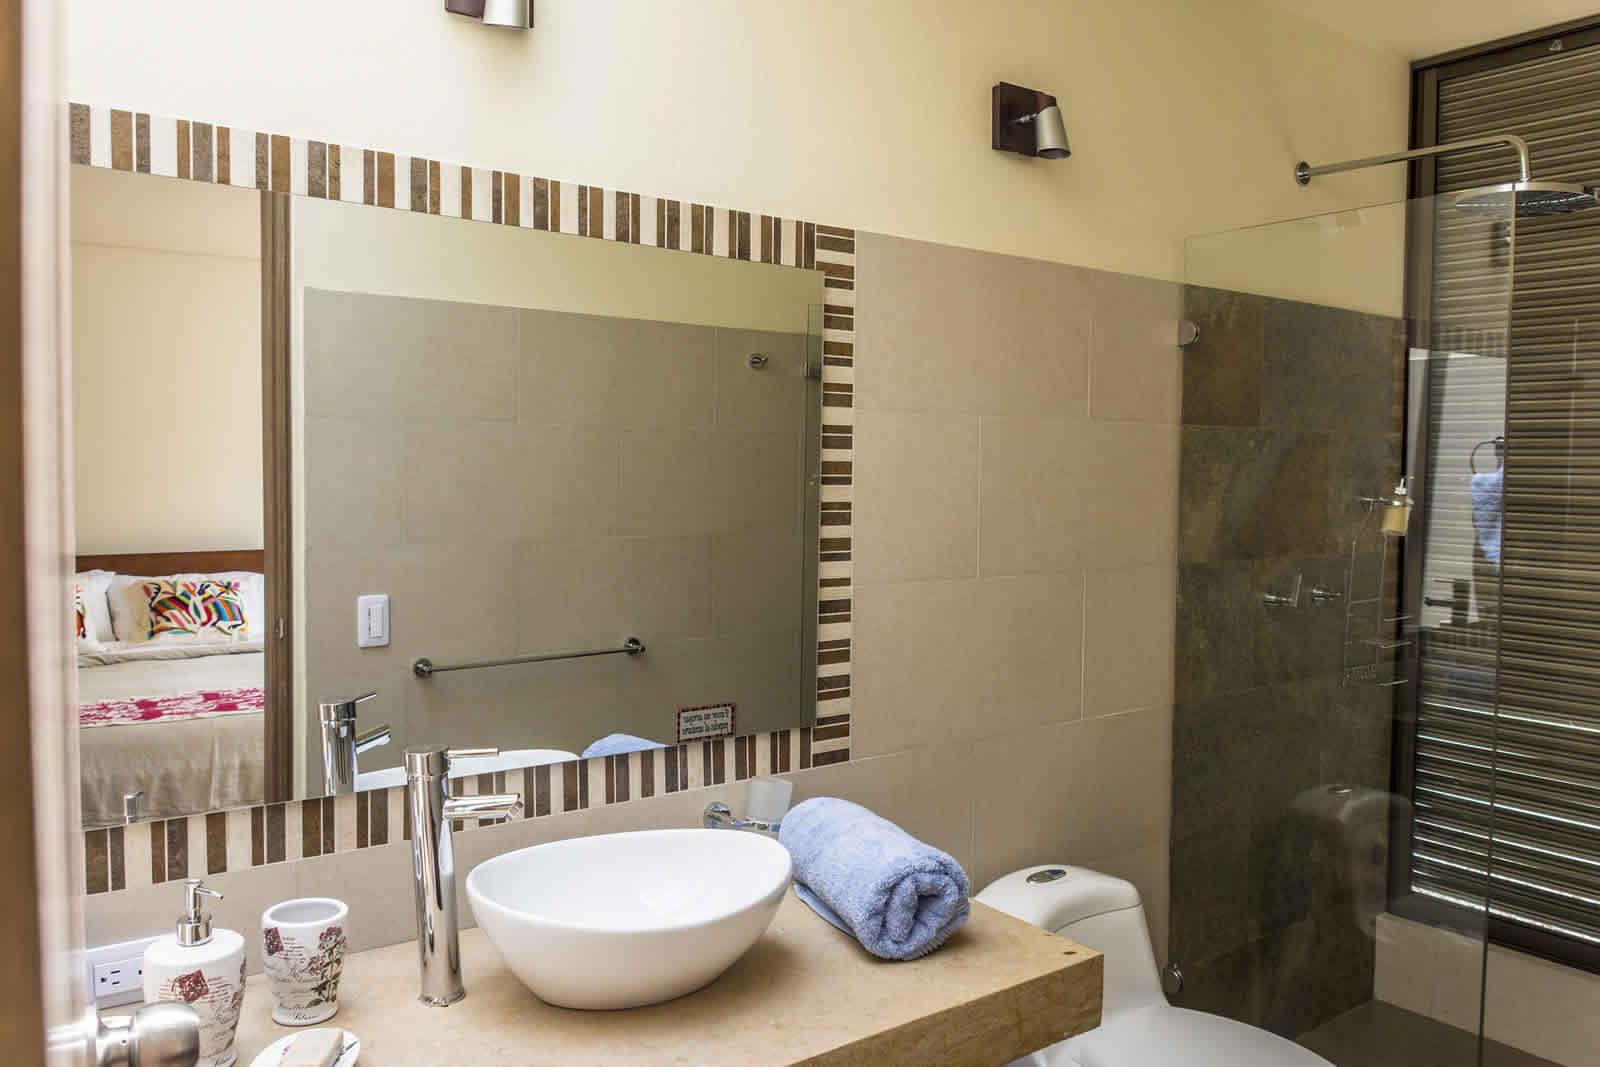 Baño de la habitación 2 casa ecce homo villa de leyva